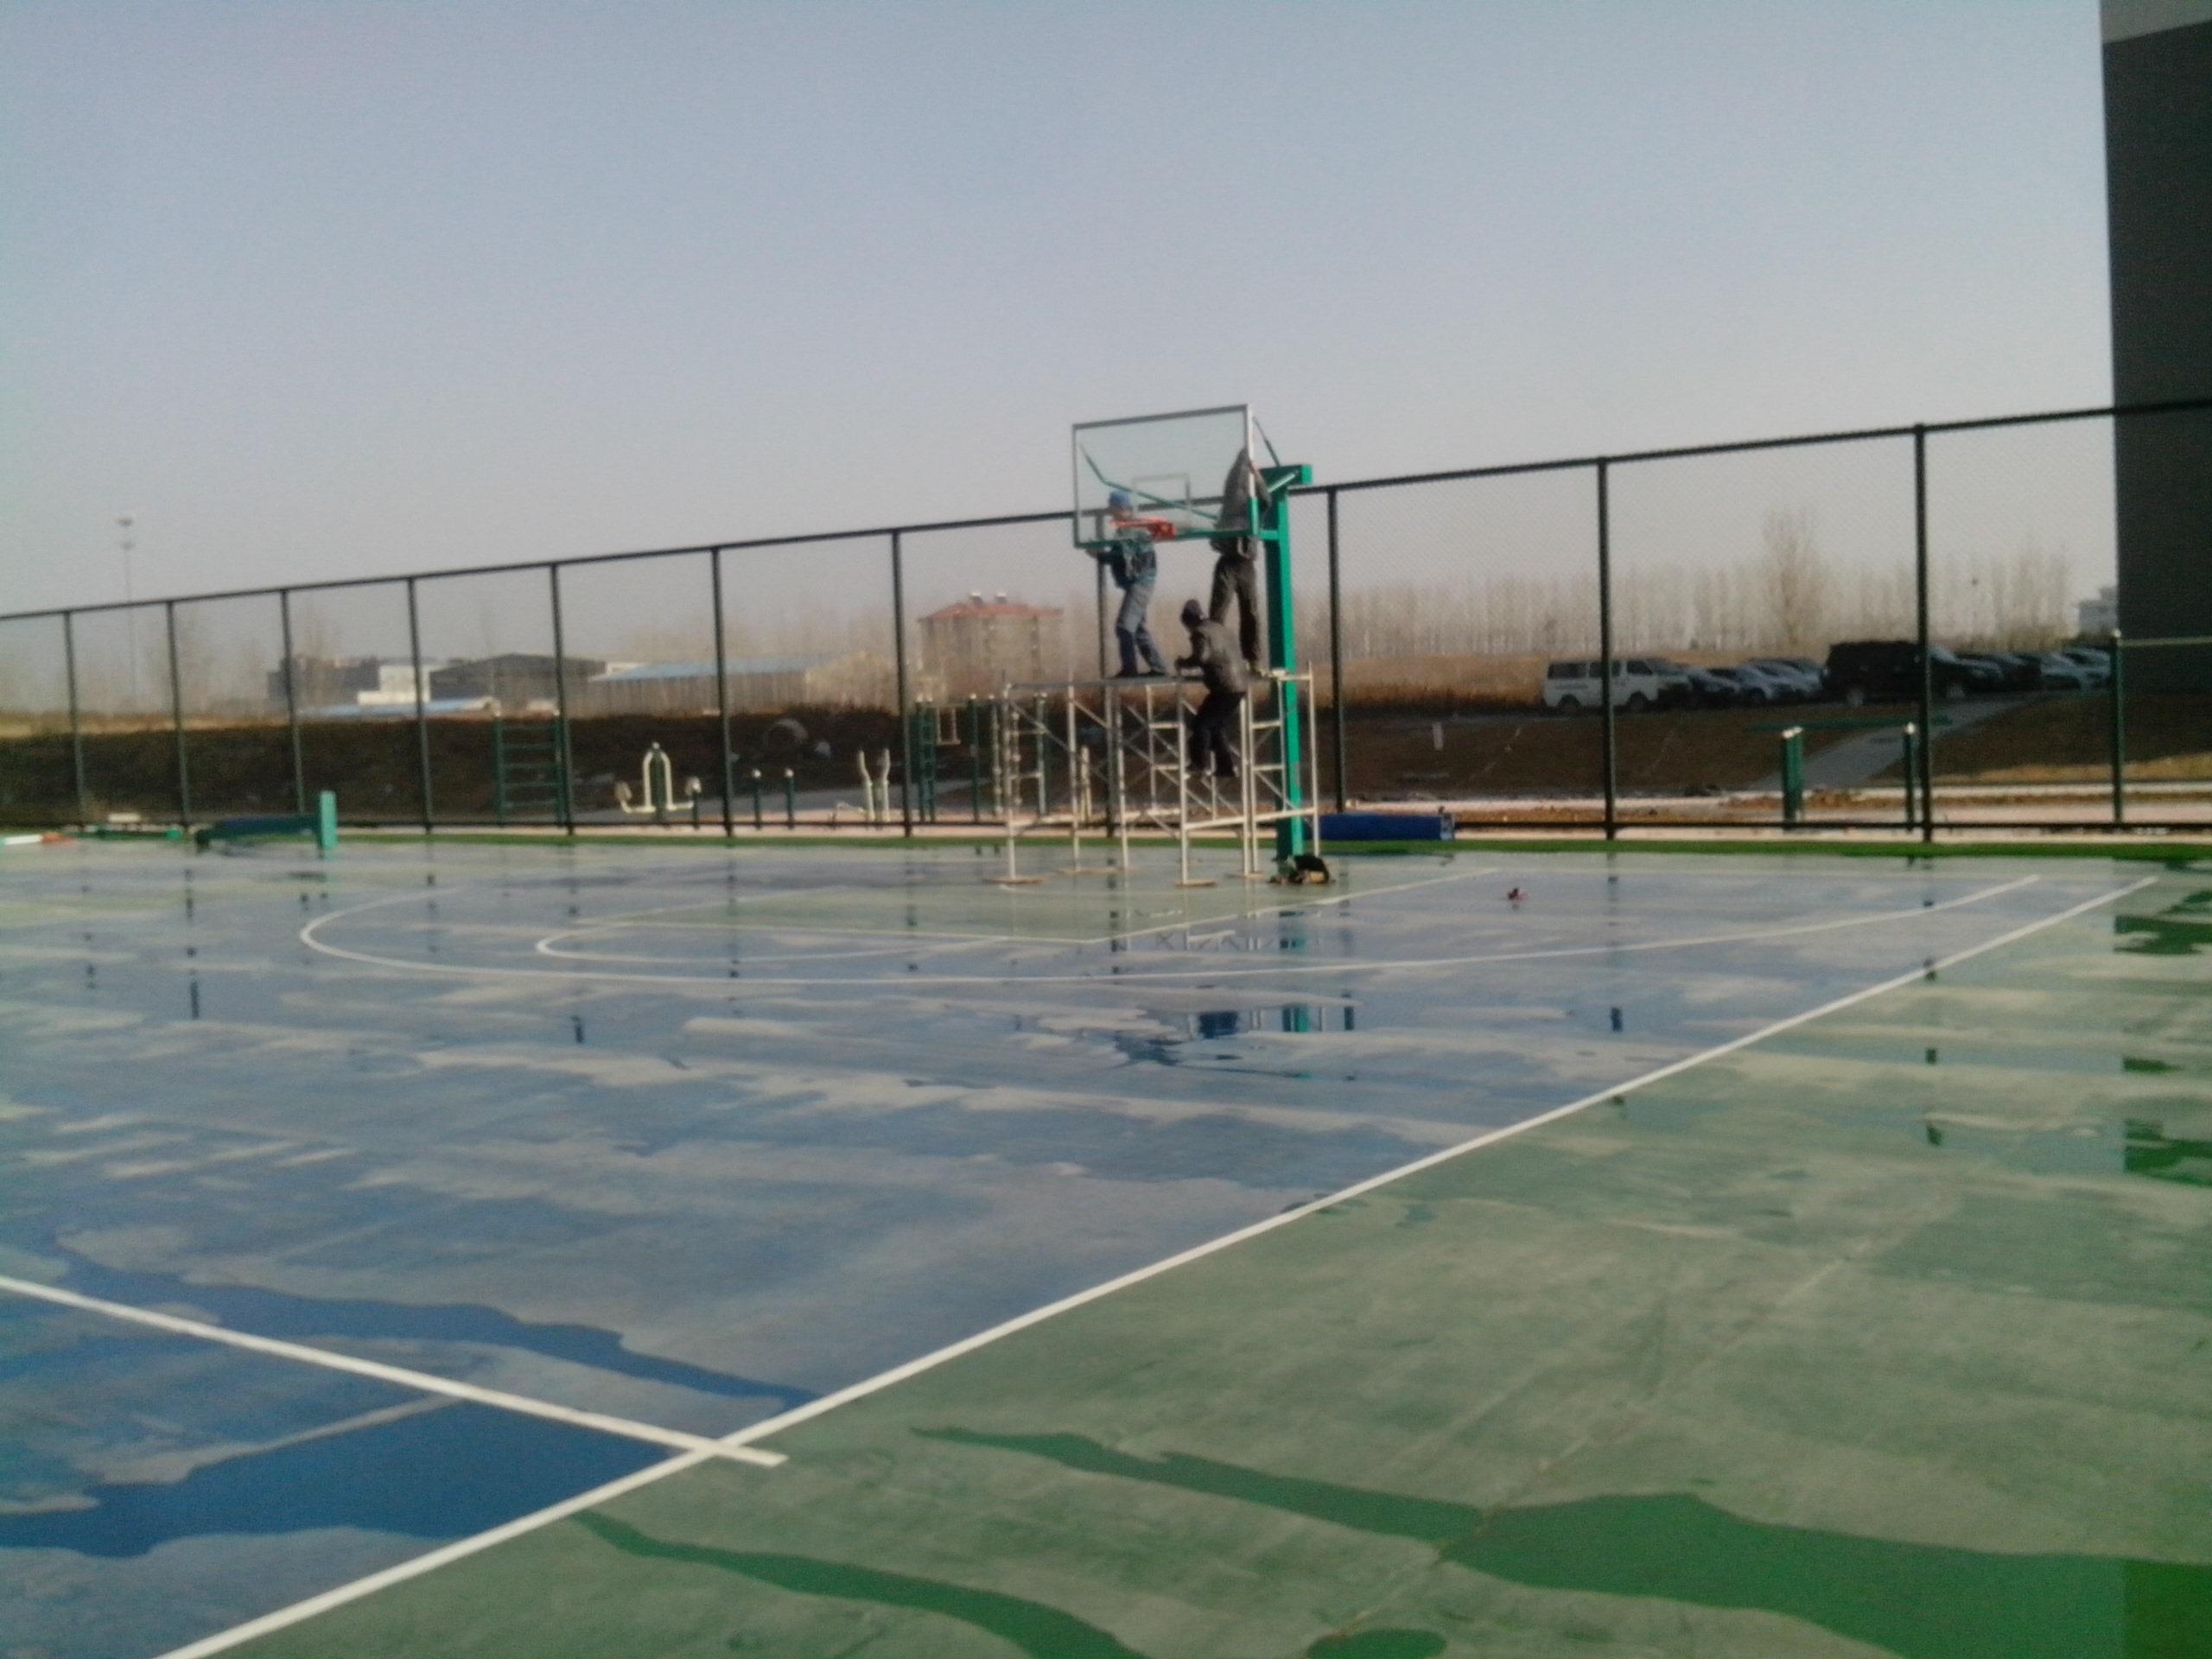   关键词:健身器材,篮球架,围网,场地,          驻澳部队